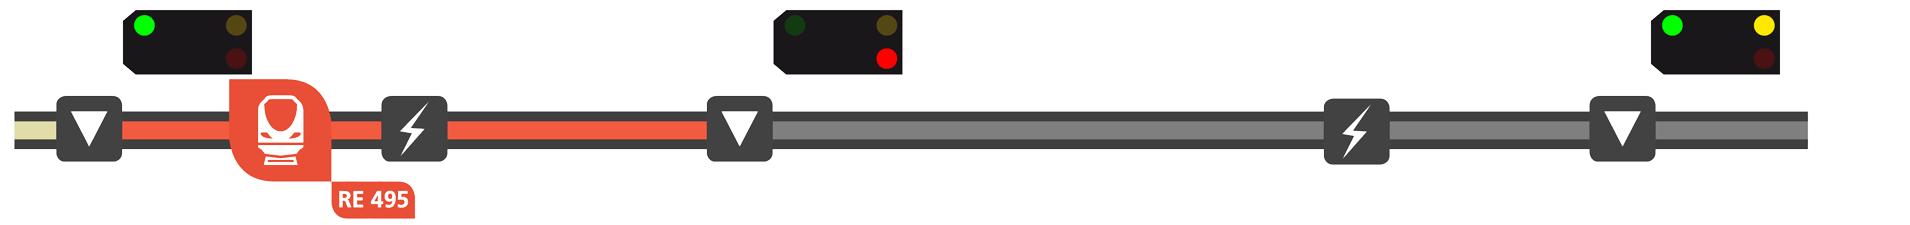 Visualisierung der ALAN Blocksignalisierung - Bild 14 von 18